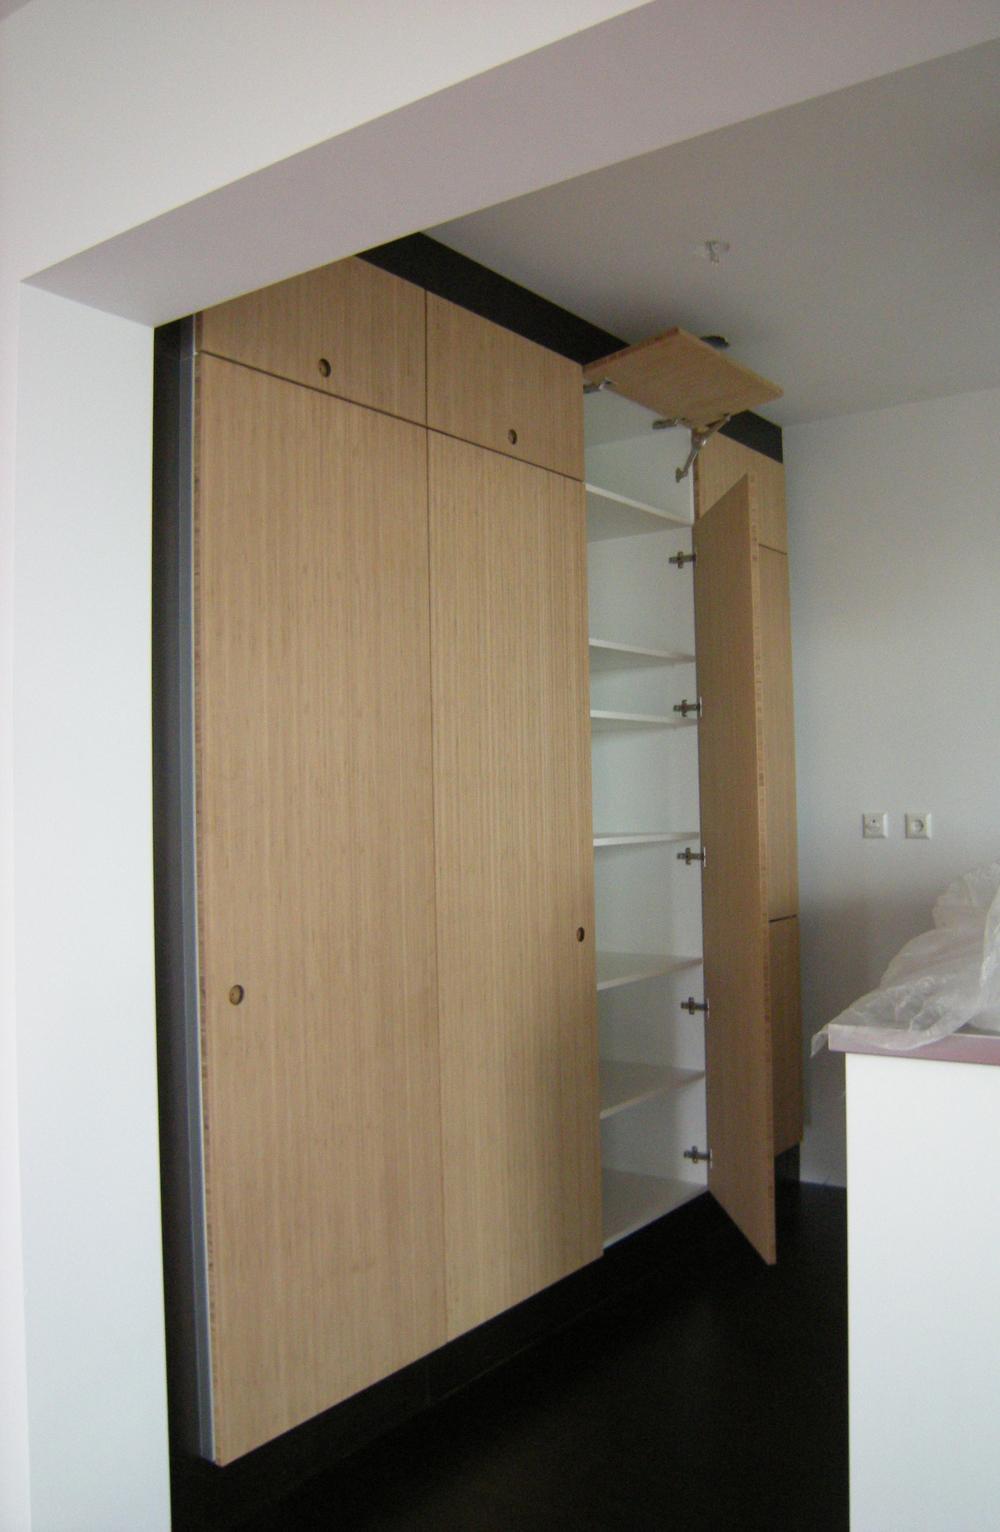 Inbouwkast met bamboe 2A.jpg